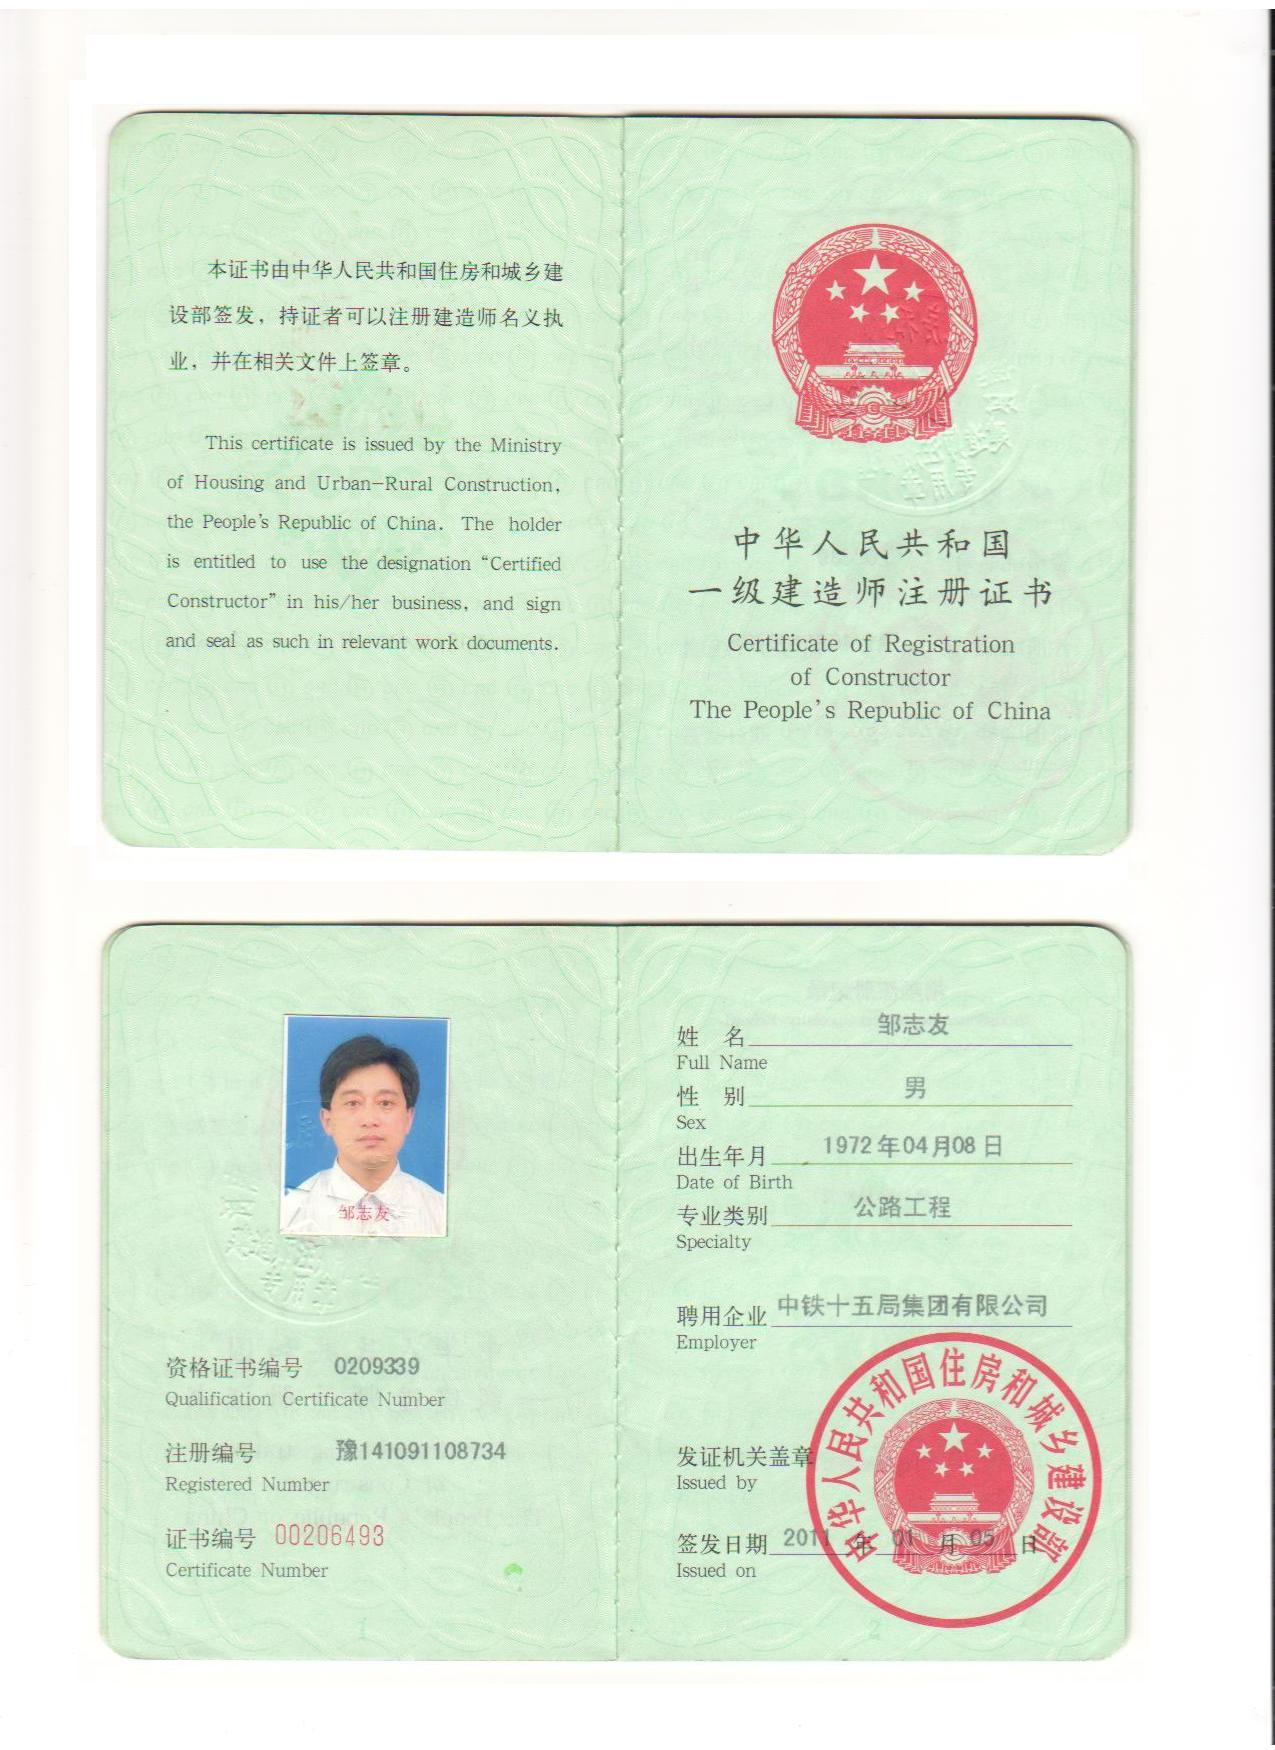 北京明确取得一级建造师资格可聘任工程师职称